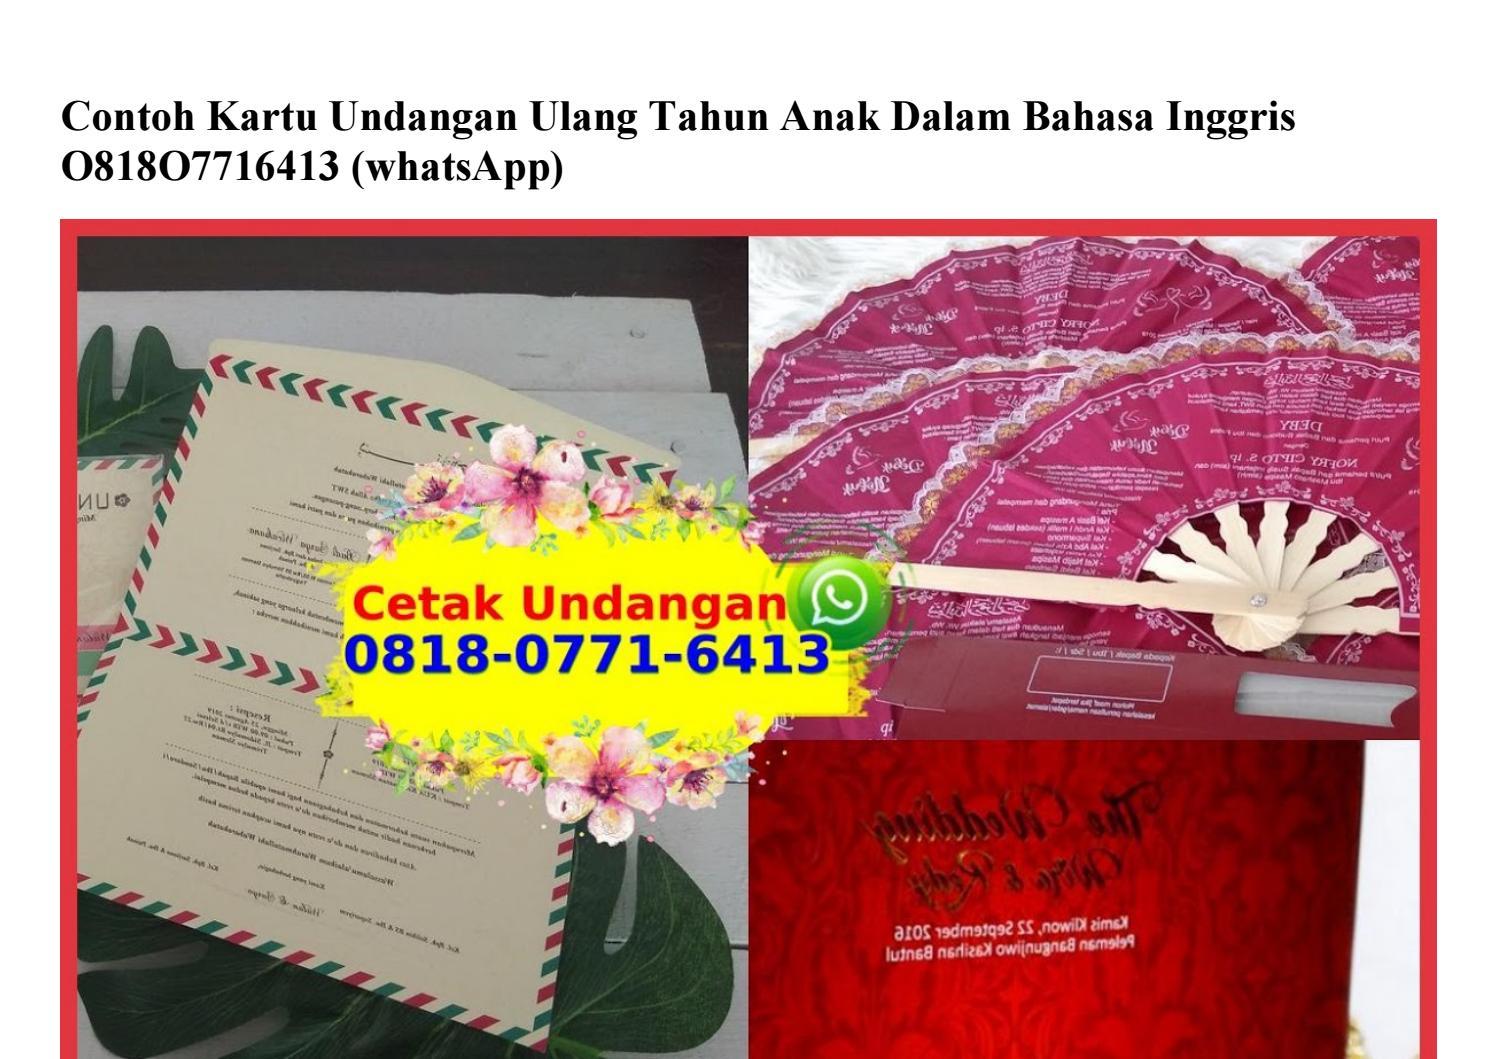 Contoh Kartu Undangan Ulang Tahun Anak Dalam Bahasa Inggris 0818 0771 6413 Wa By Vendor Jualharga Issuu